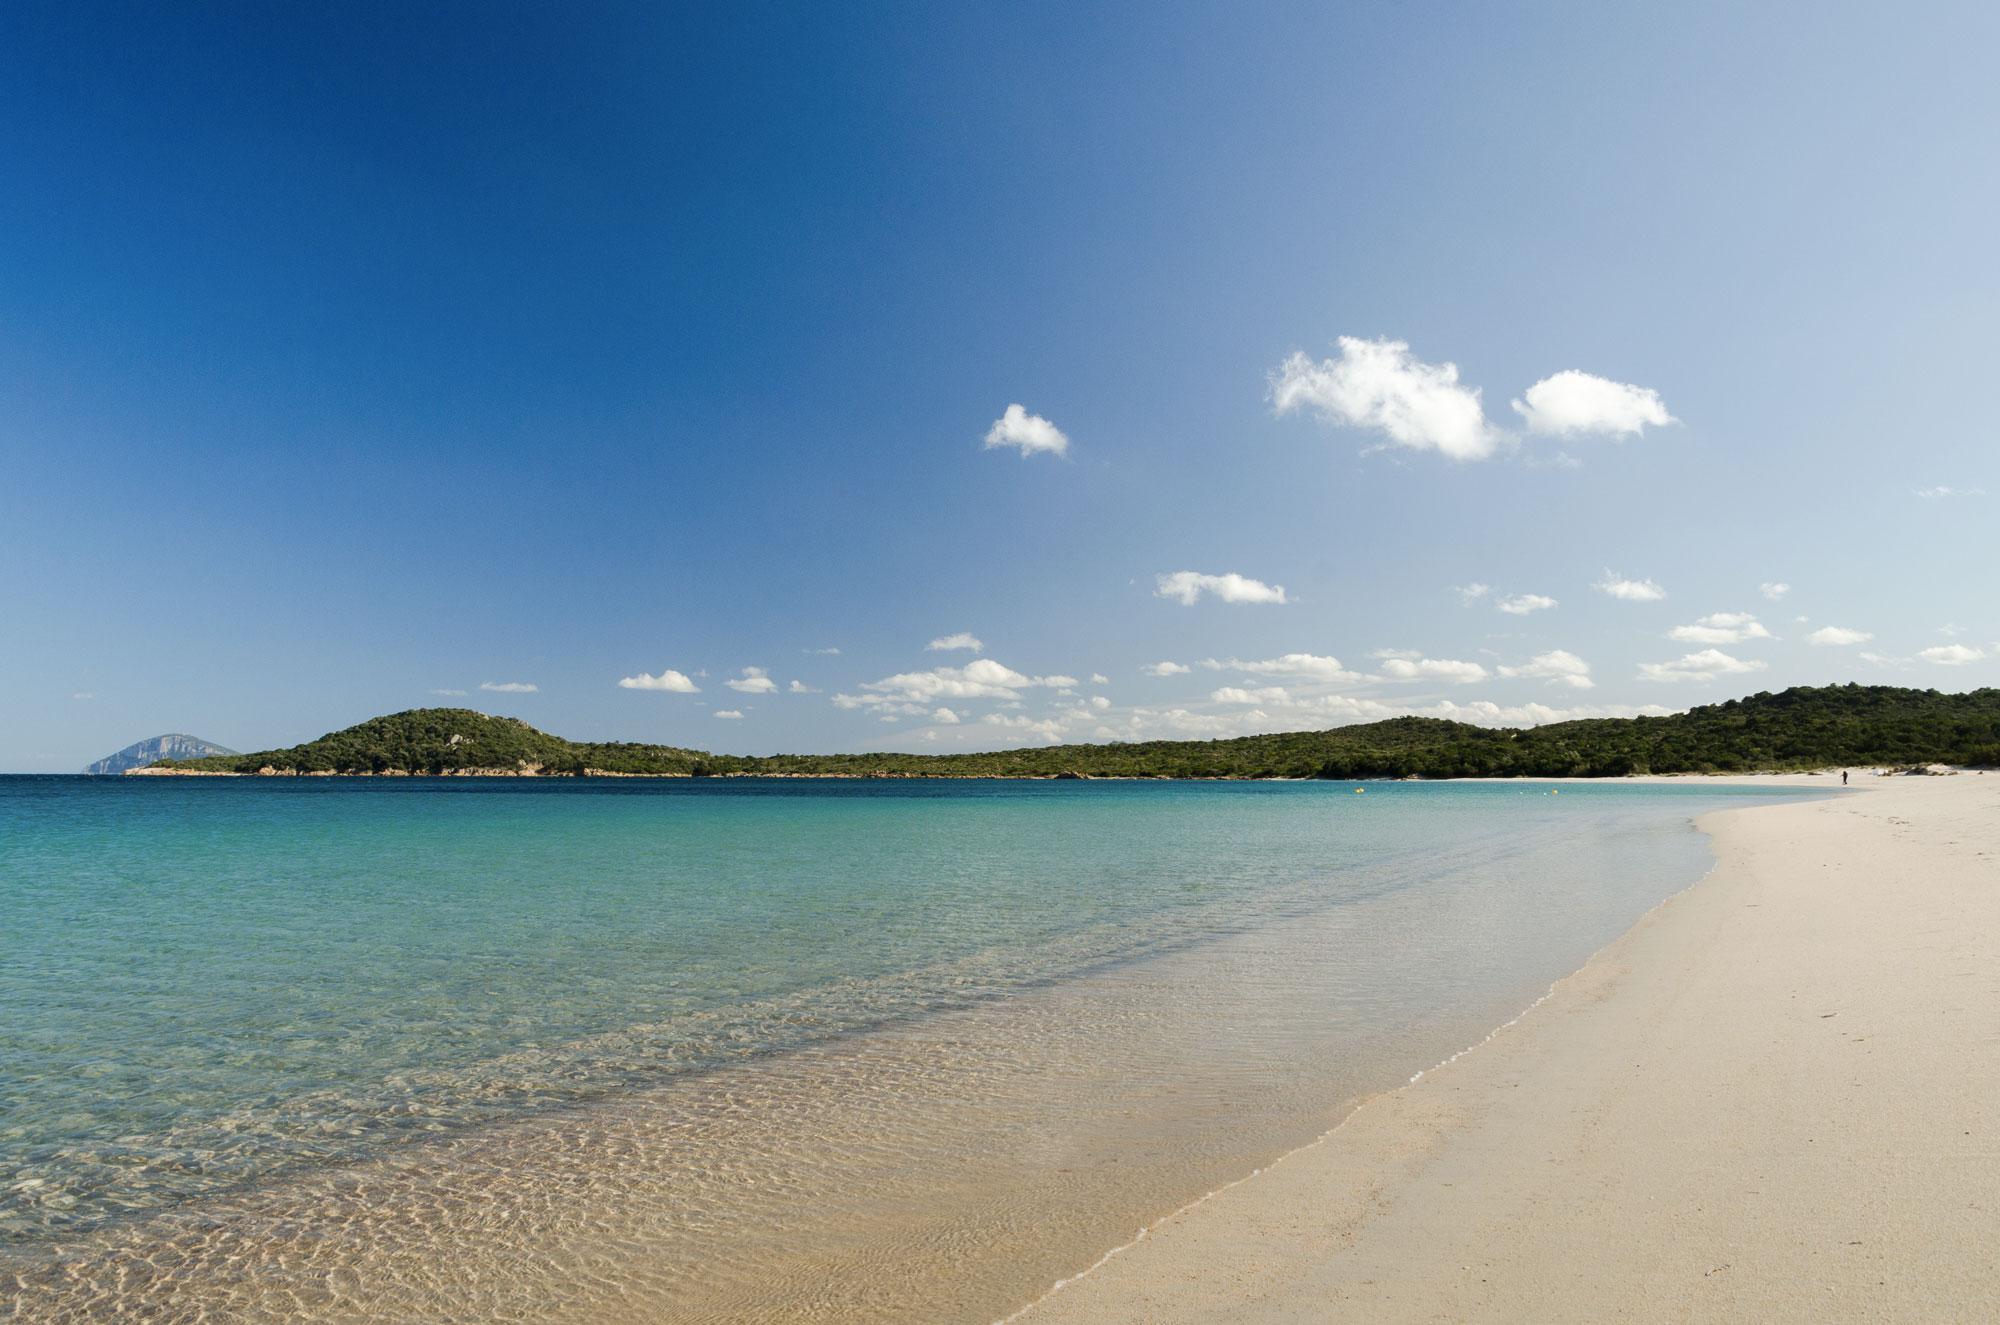 Spiaggia Liscia Ruja, Costa Smeralda, Sardegna